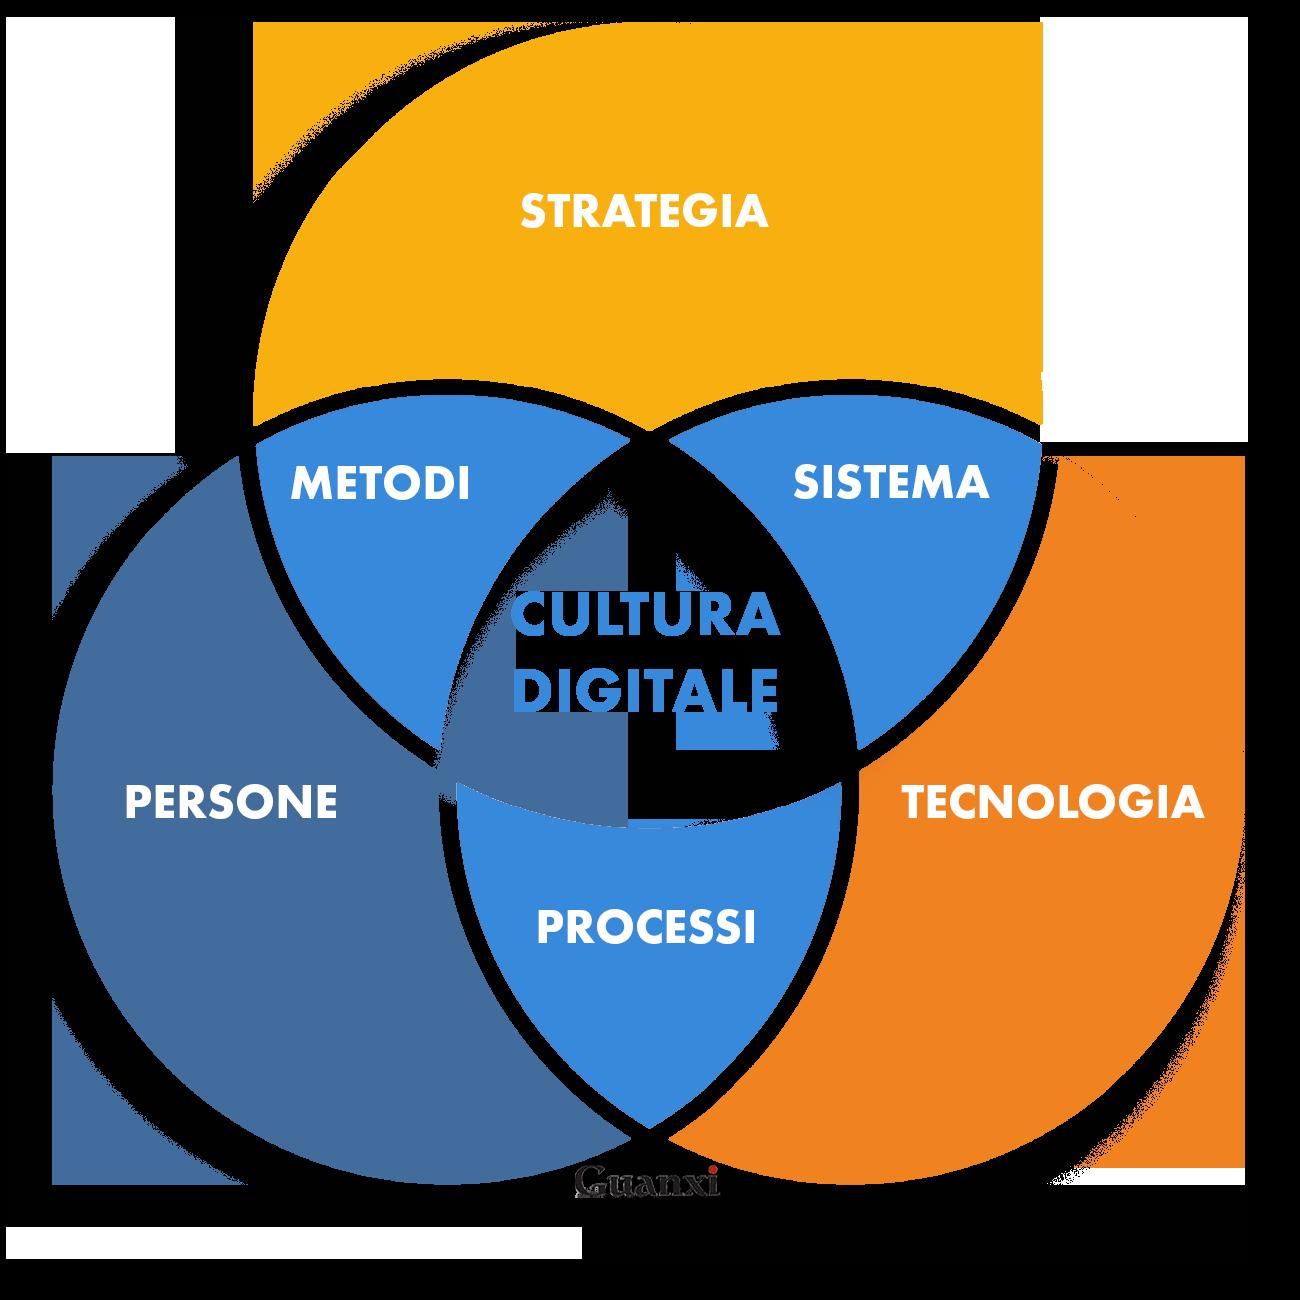 Cultura digitale. - Guanxi